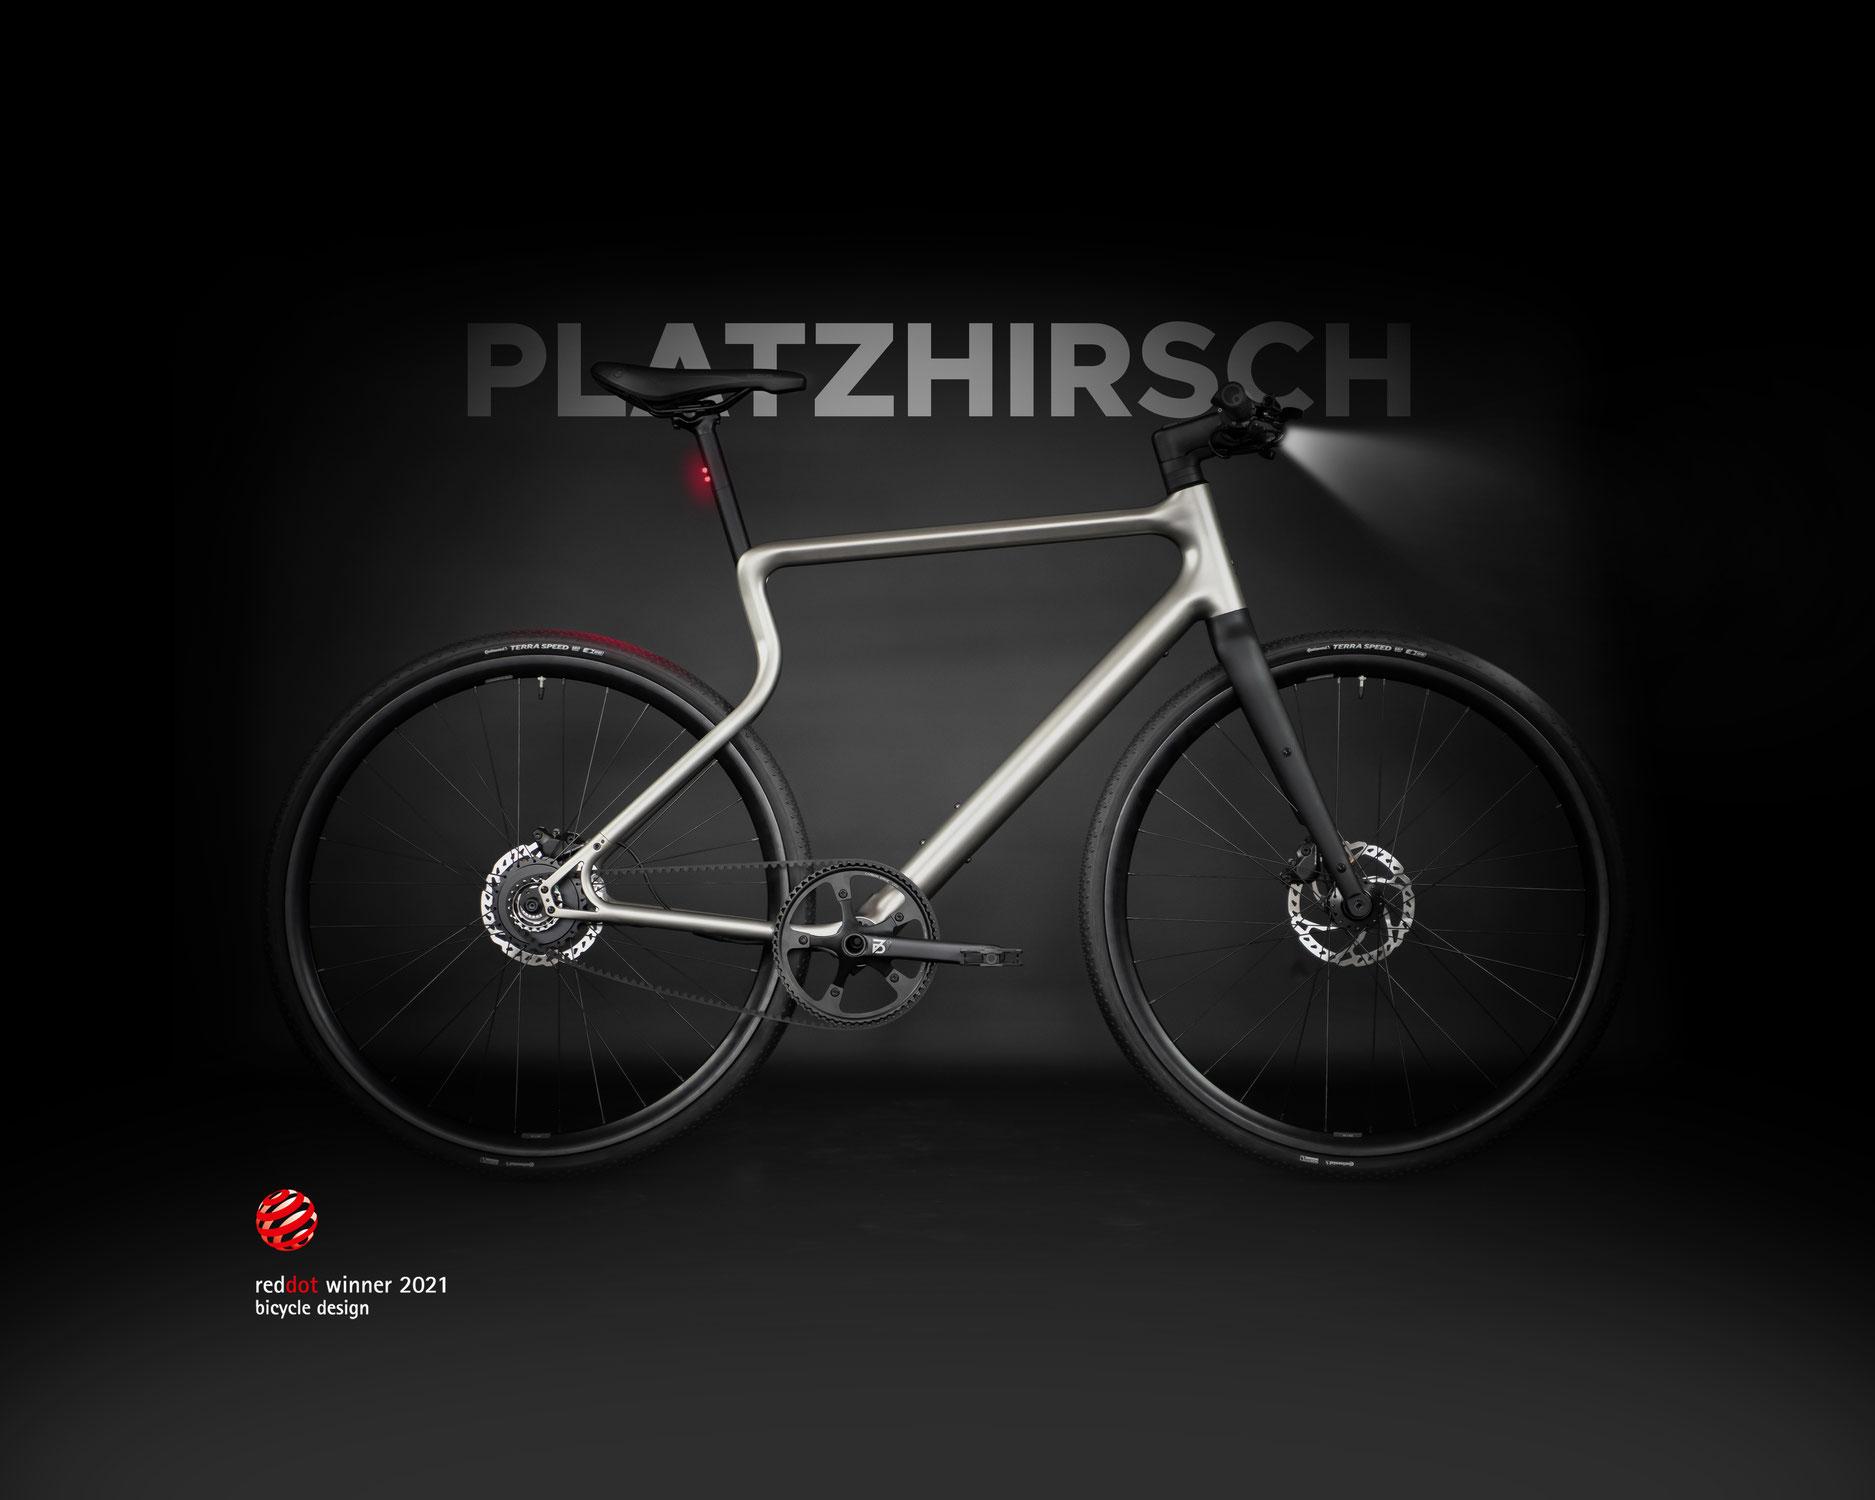 URWAHN BIKES | PLATZHIRSCH gewinnt Red Dot Product Design Award 2021